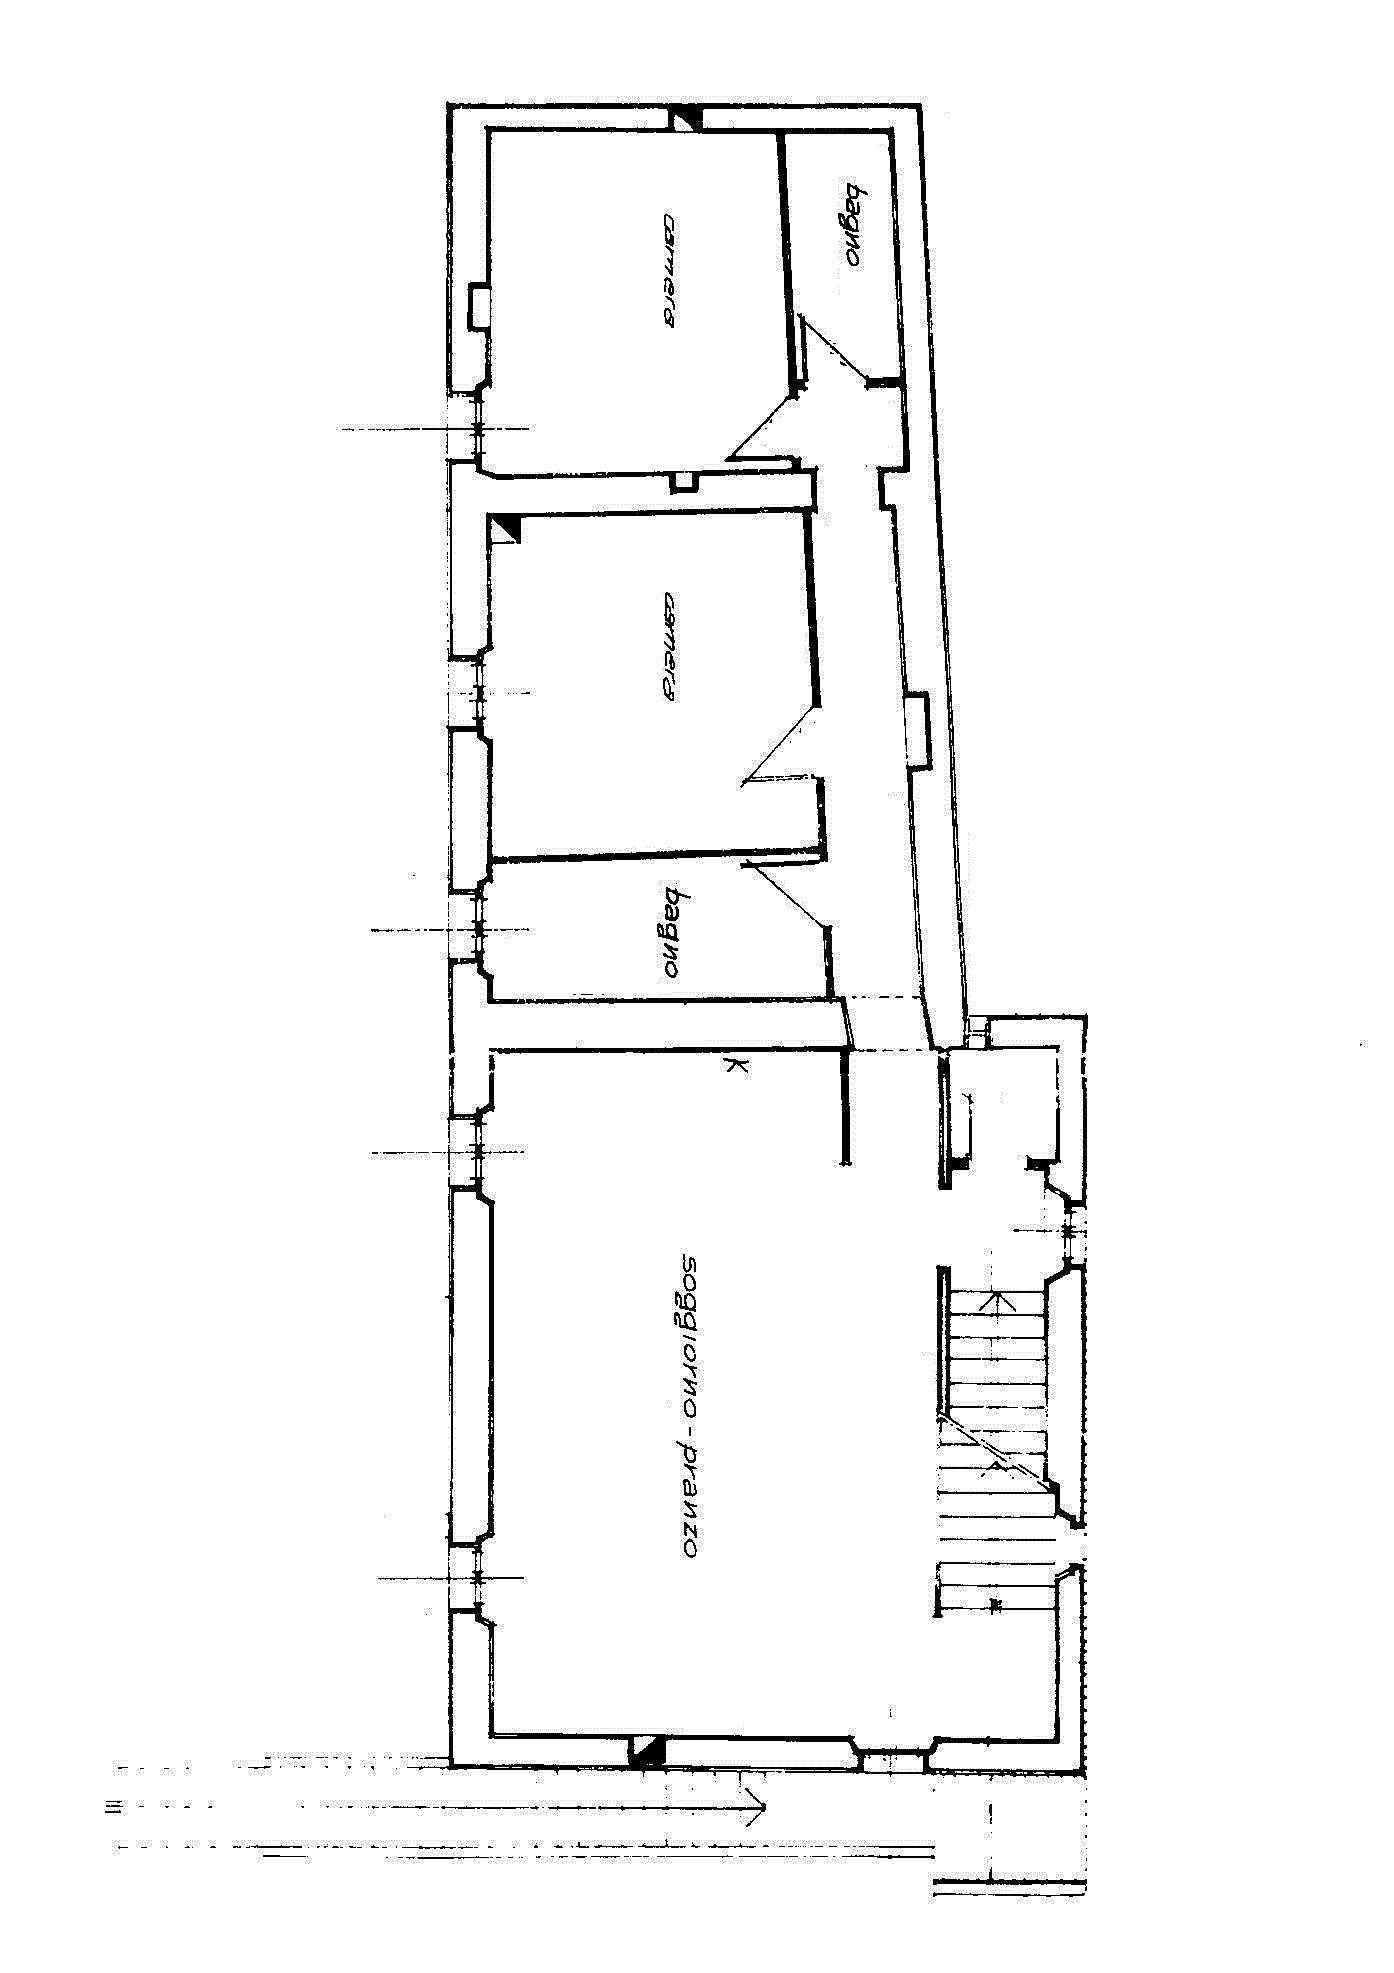 Appartamento in vendita, rif. A762 (Planimetria 1/2)